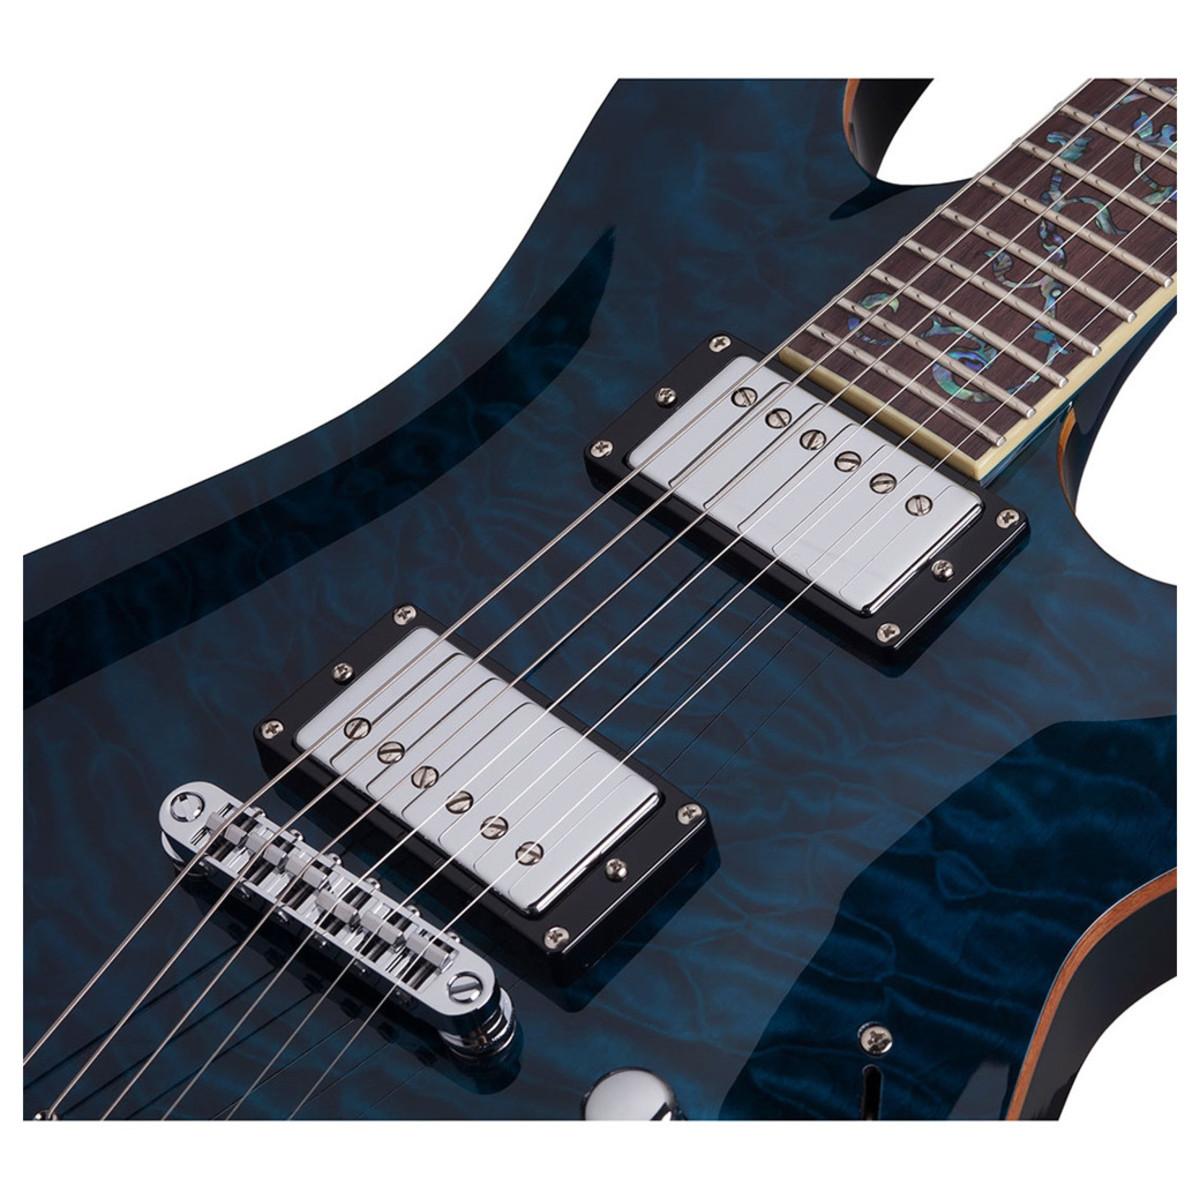 SONDERANGEBOT klassische Gitarre Schecter c-1 bei Gear4music